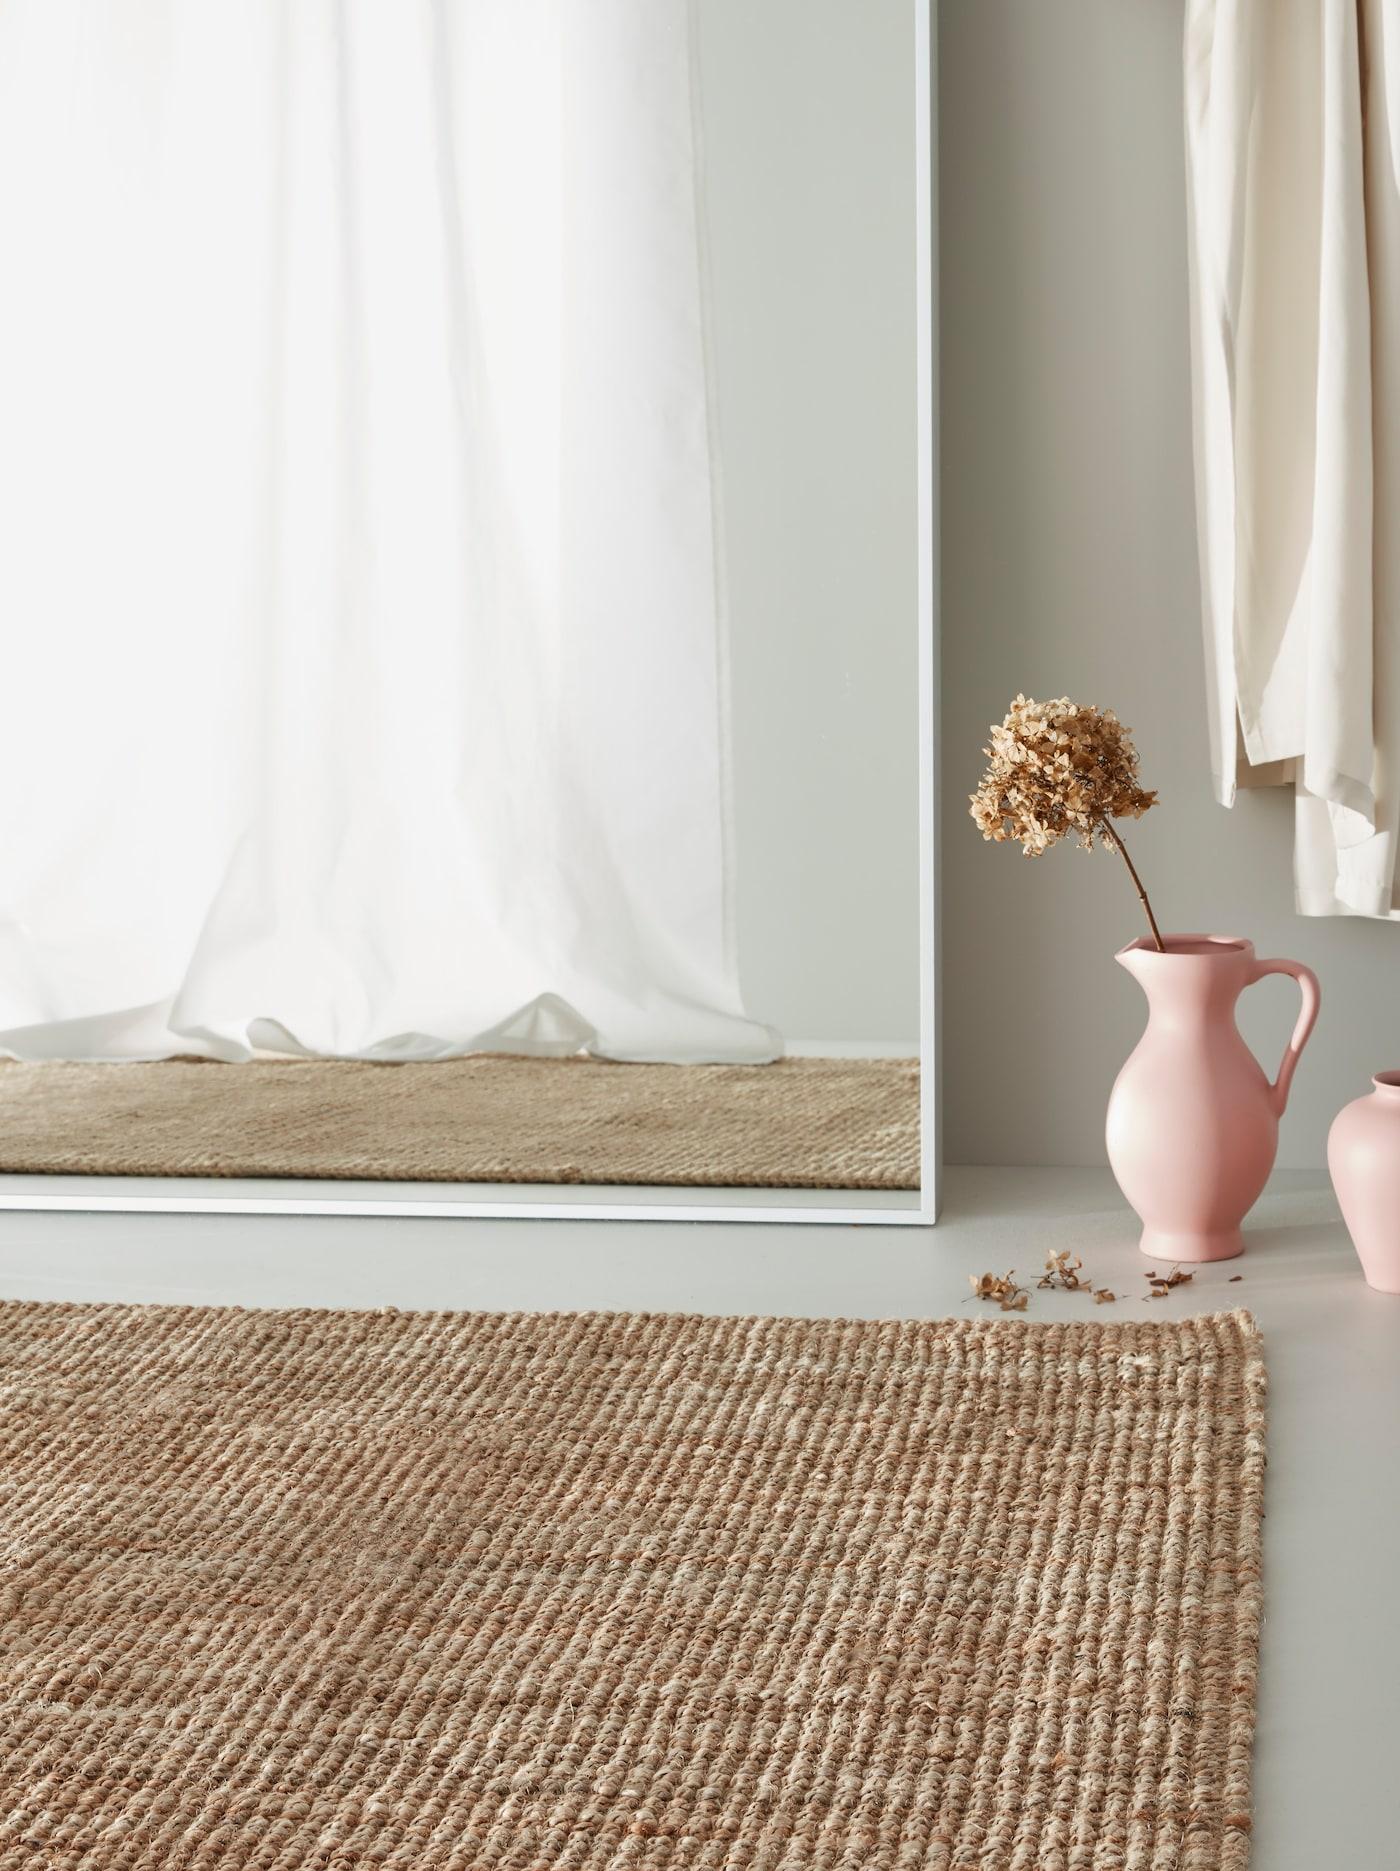 У стены стоит зеркало ГУВЕТ, рядом лежит джутовый ковер ЛОХАЛЬС и стоят две розовые вазы.